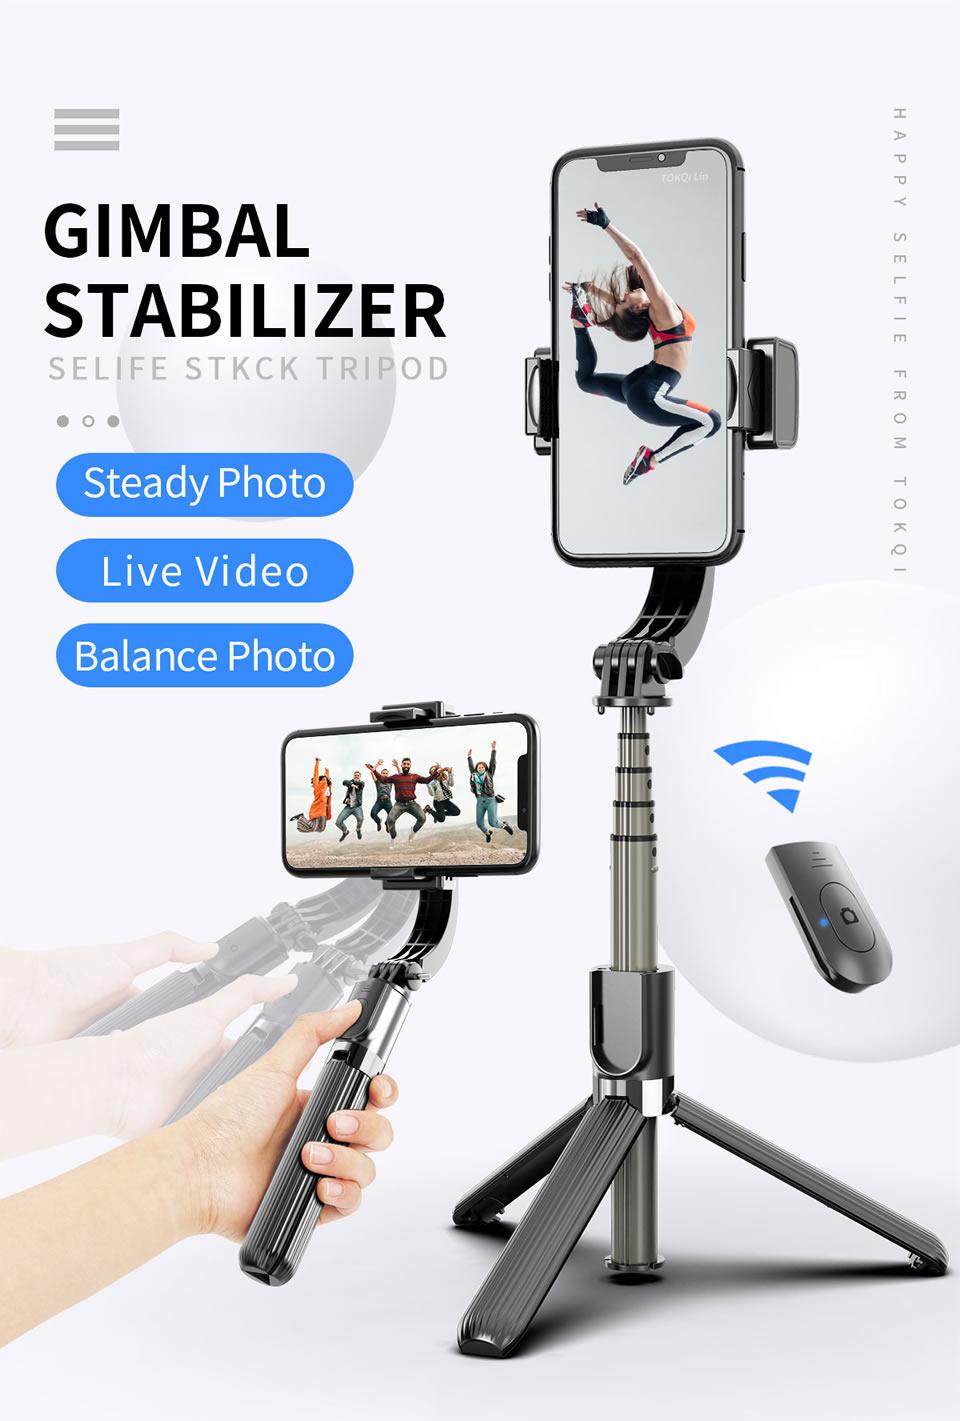 GẬY CHỐNG RUNG GIMBAL STABILIZER L08 - Selfie Stick Tripod, Selfieshow L08 Gimbal Cầm Tay Ổn Định Hỗ Trợ Quay...